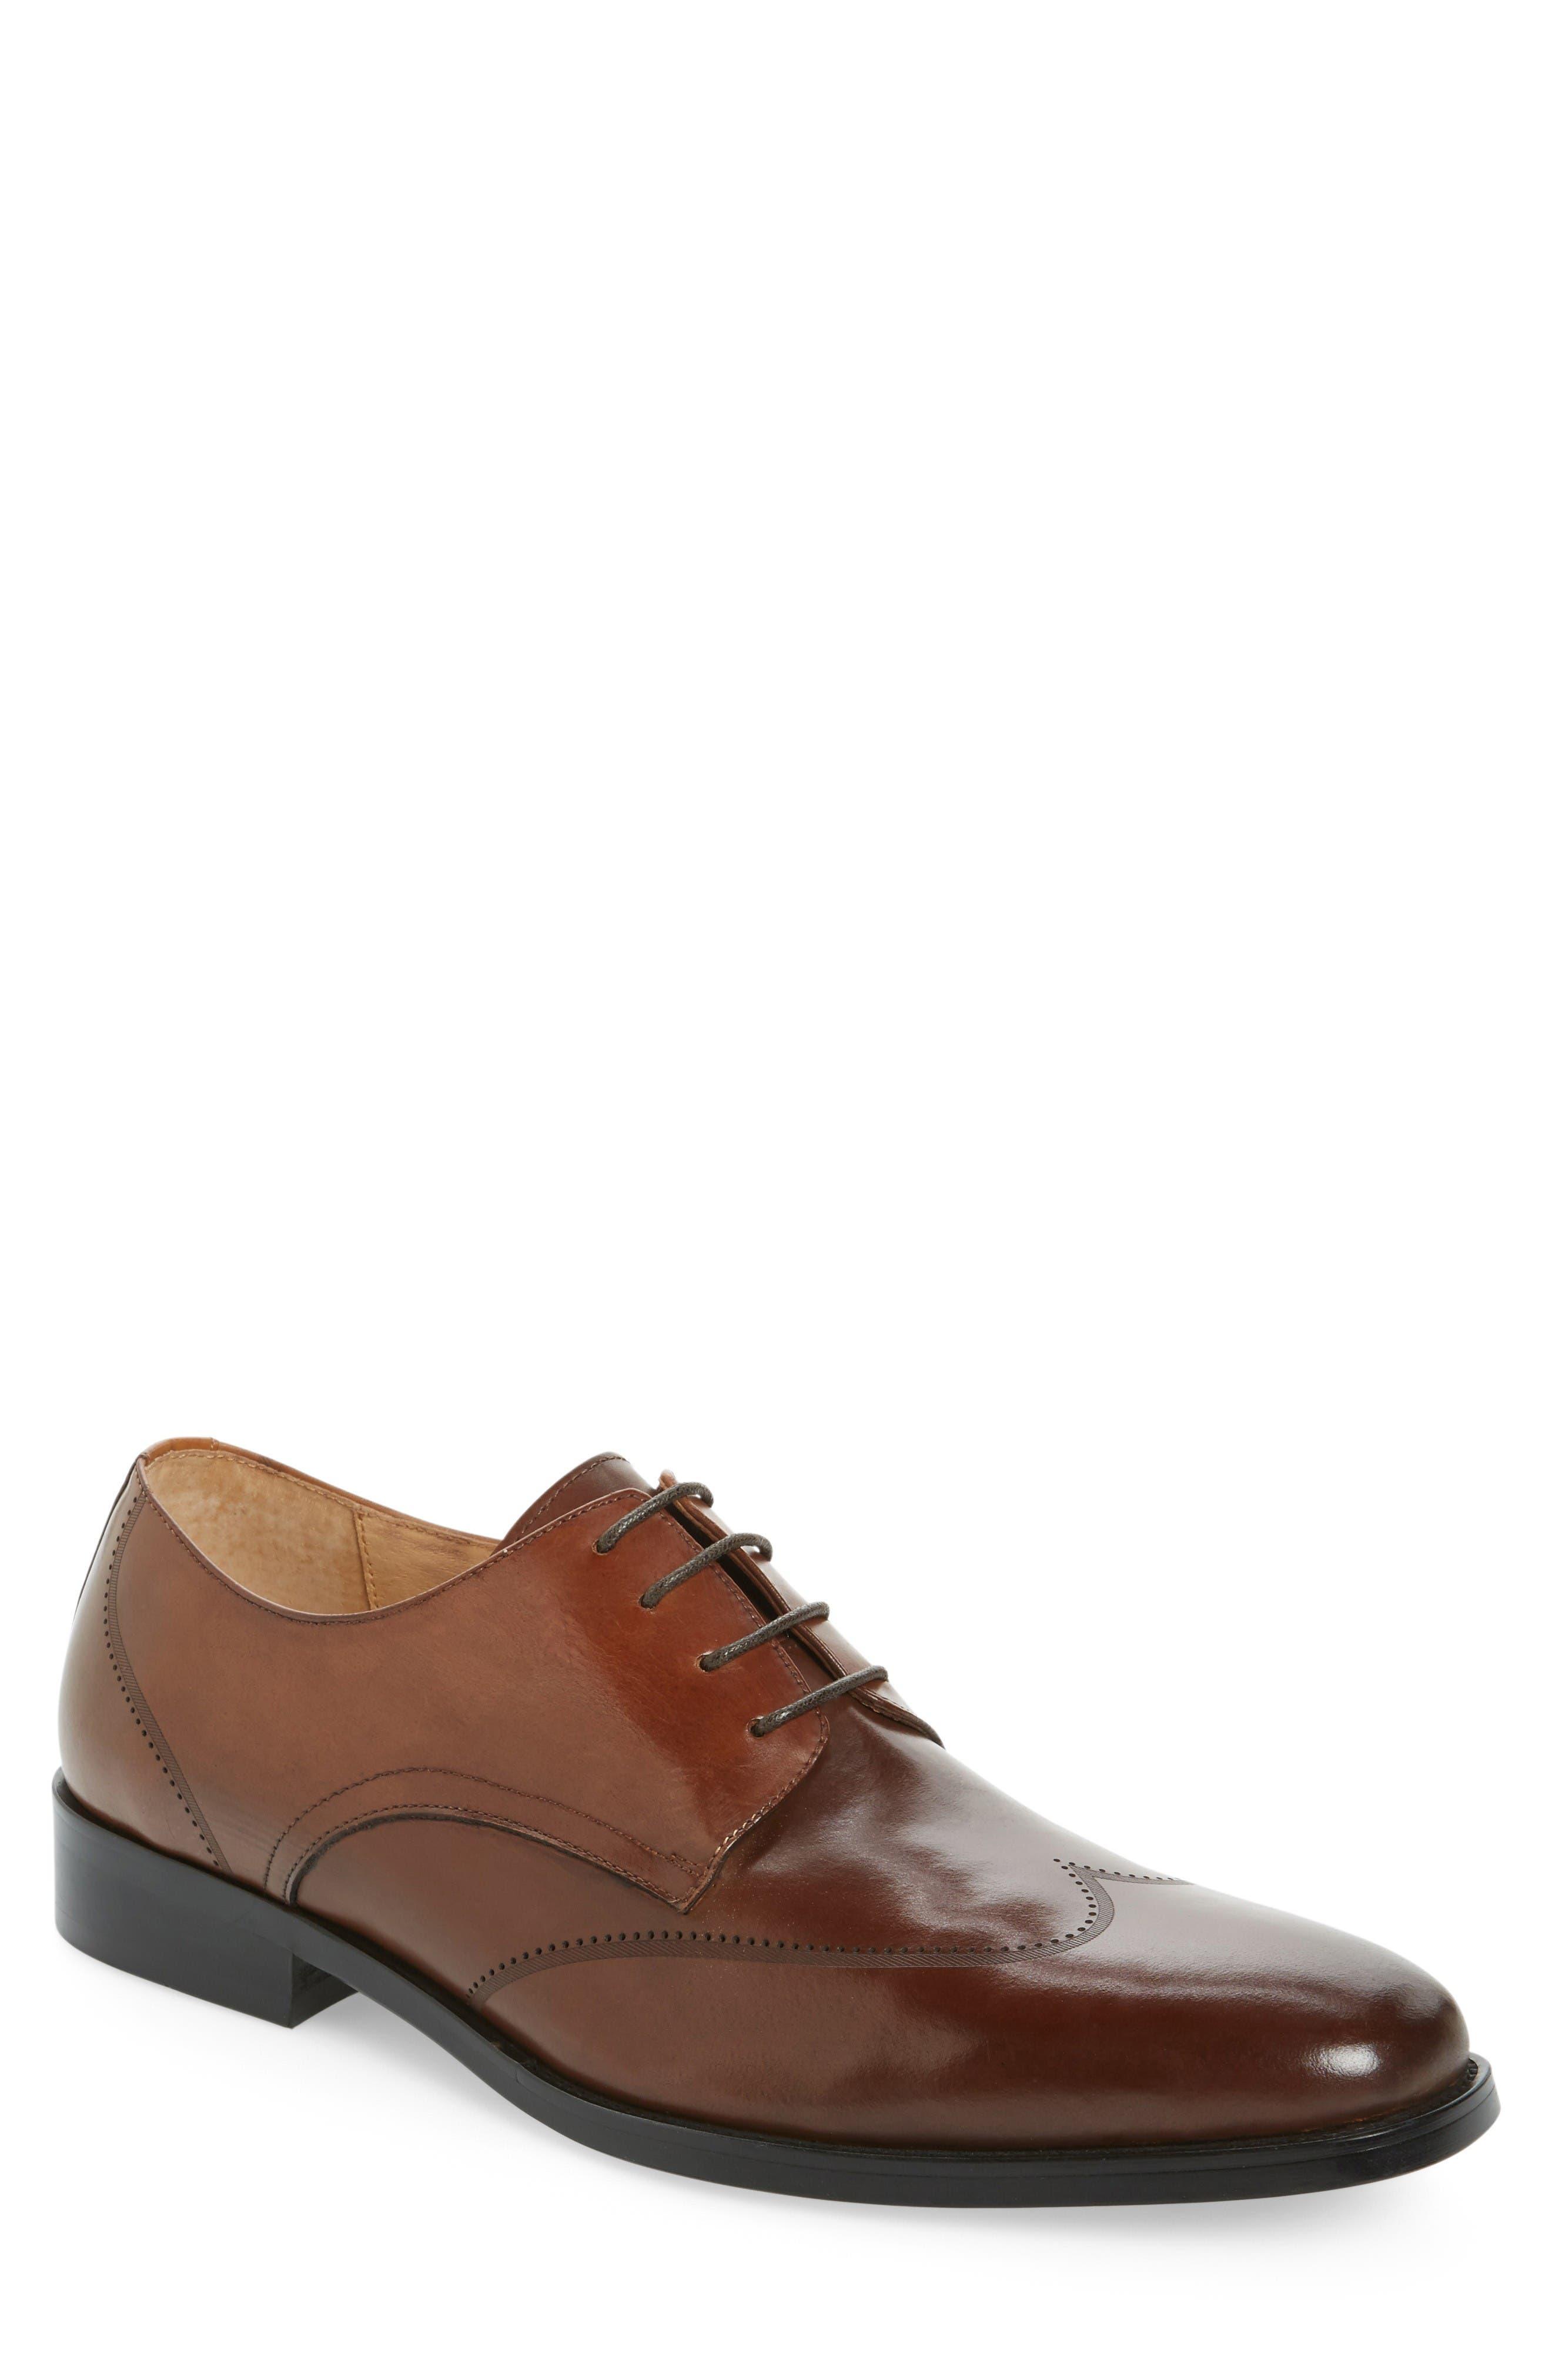 Leisure Wear Wingtip,                         Main,                         color, Cognac Leather